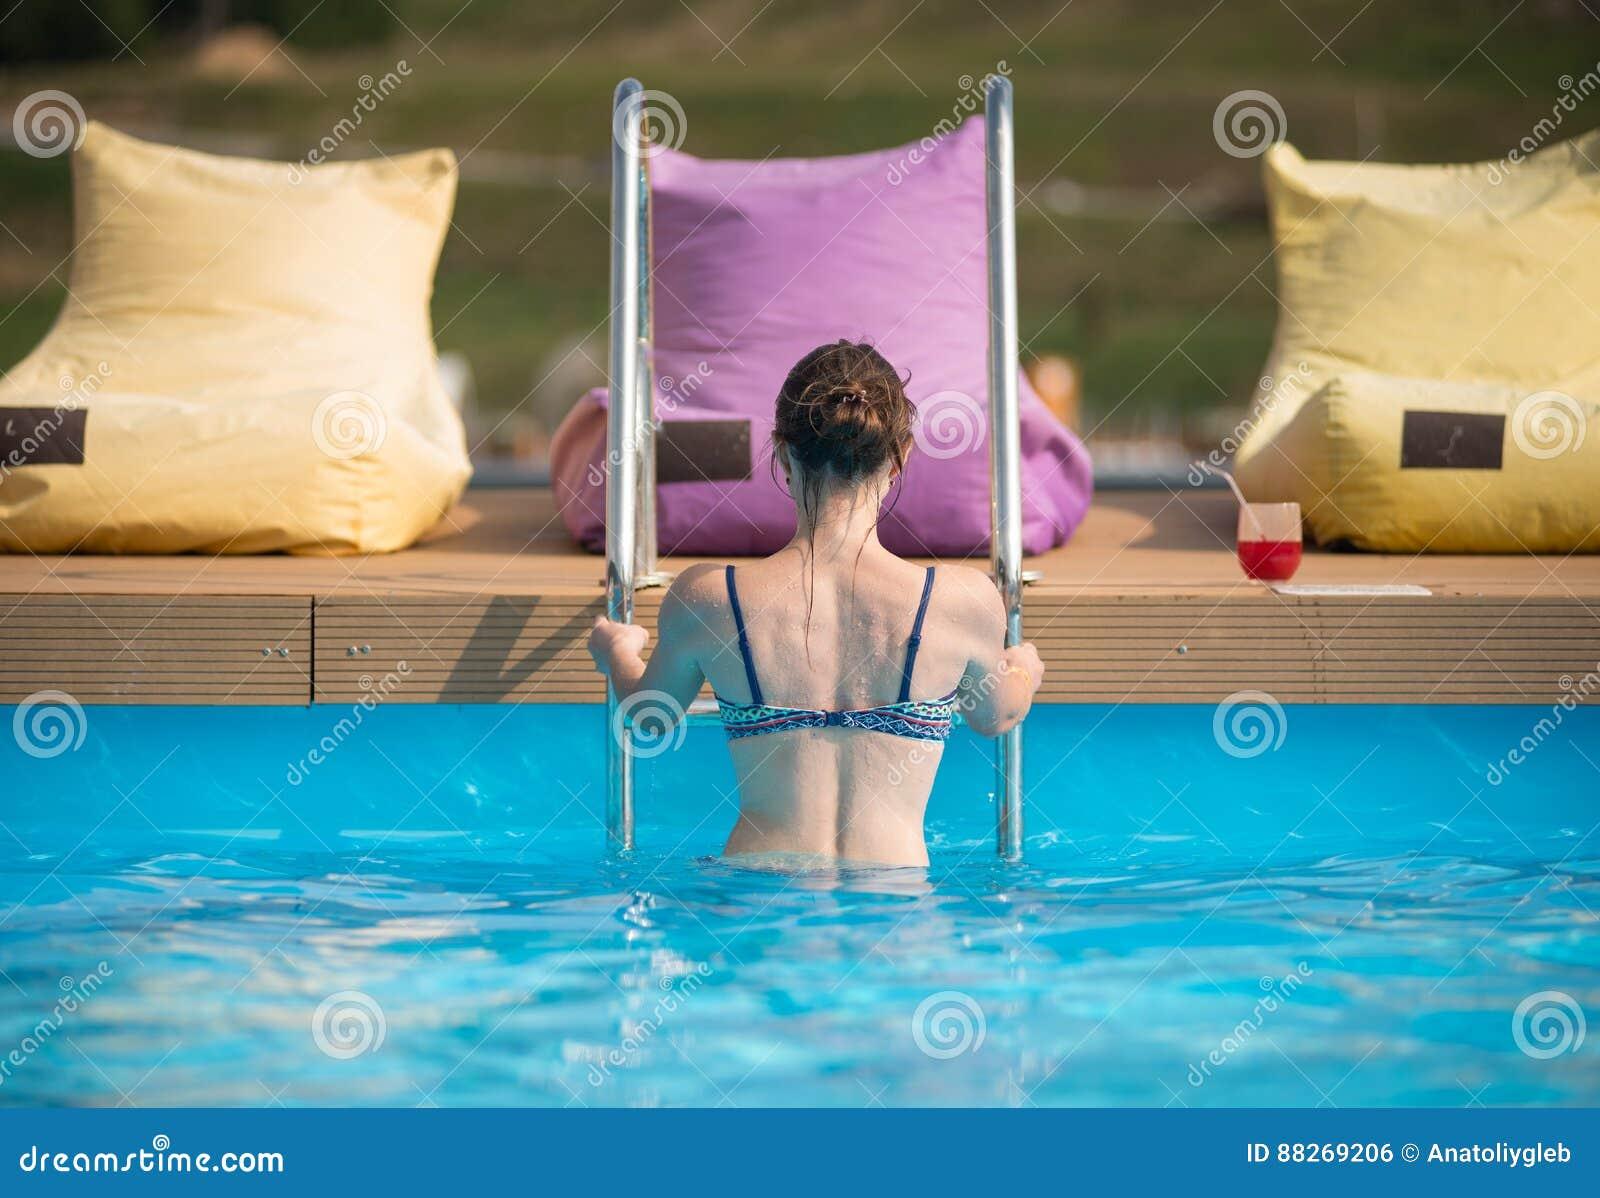 Fêmea nova da vista traseira no roupa de banho que sai da água de uma piscina no recurso